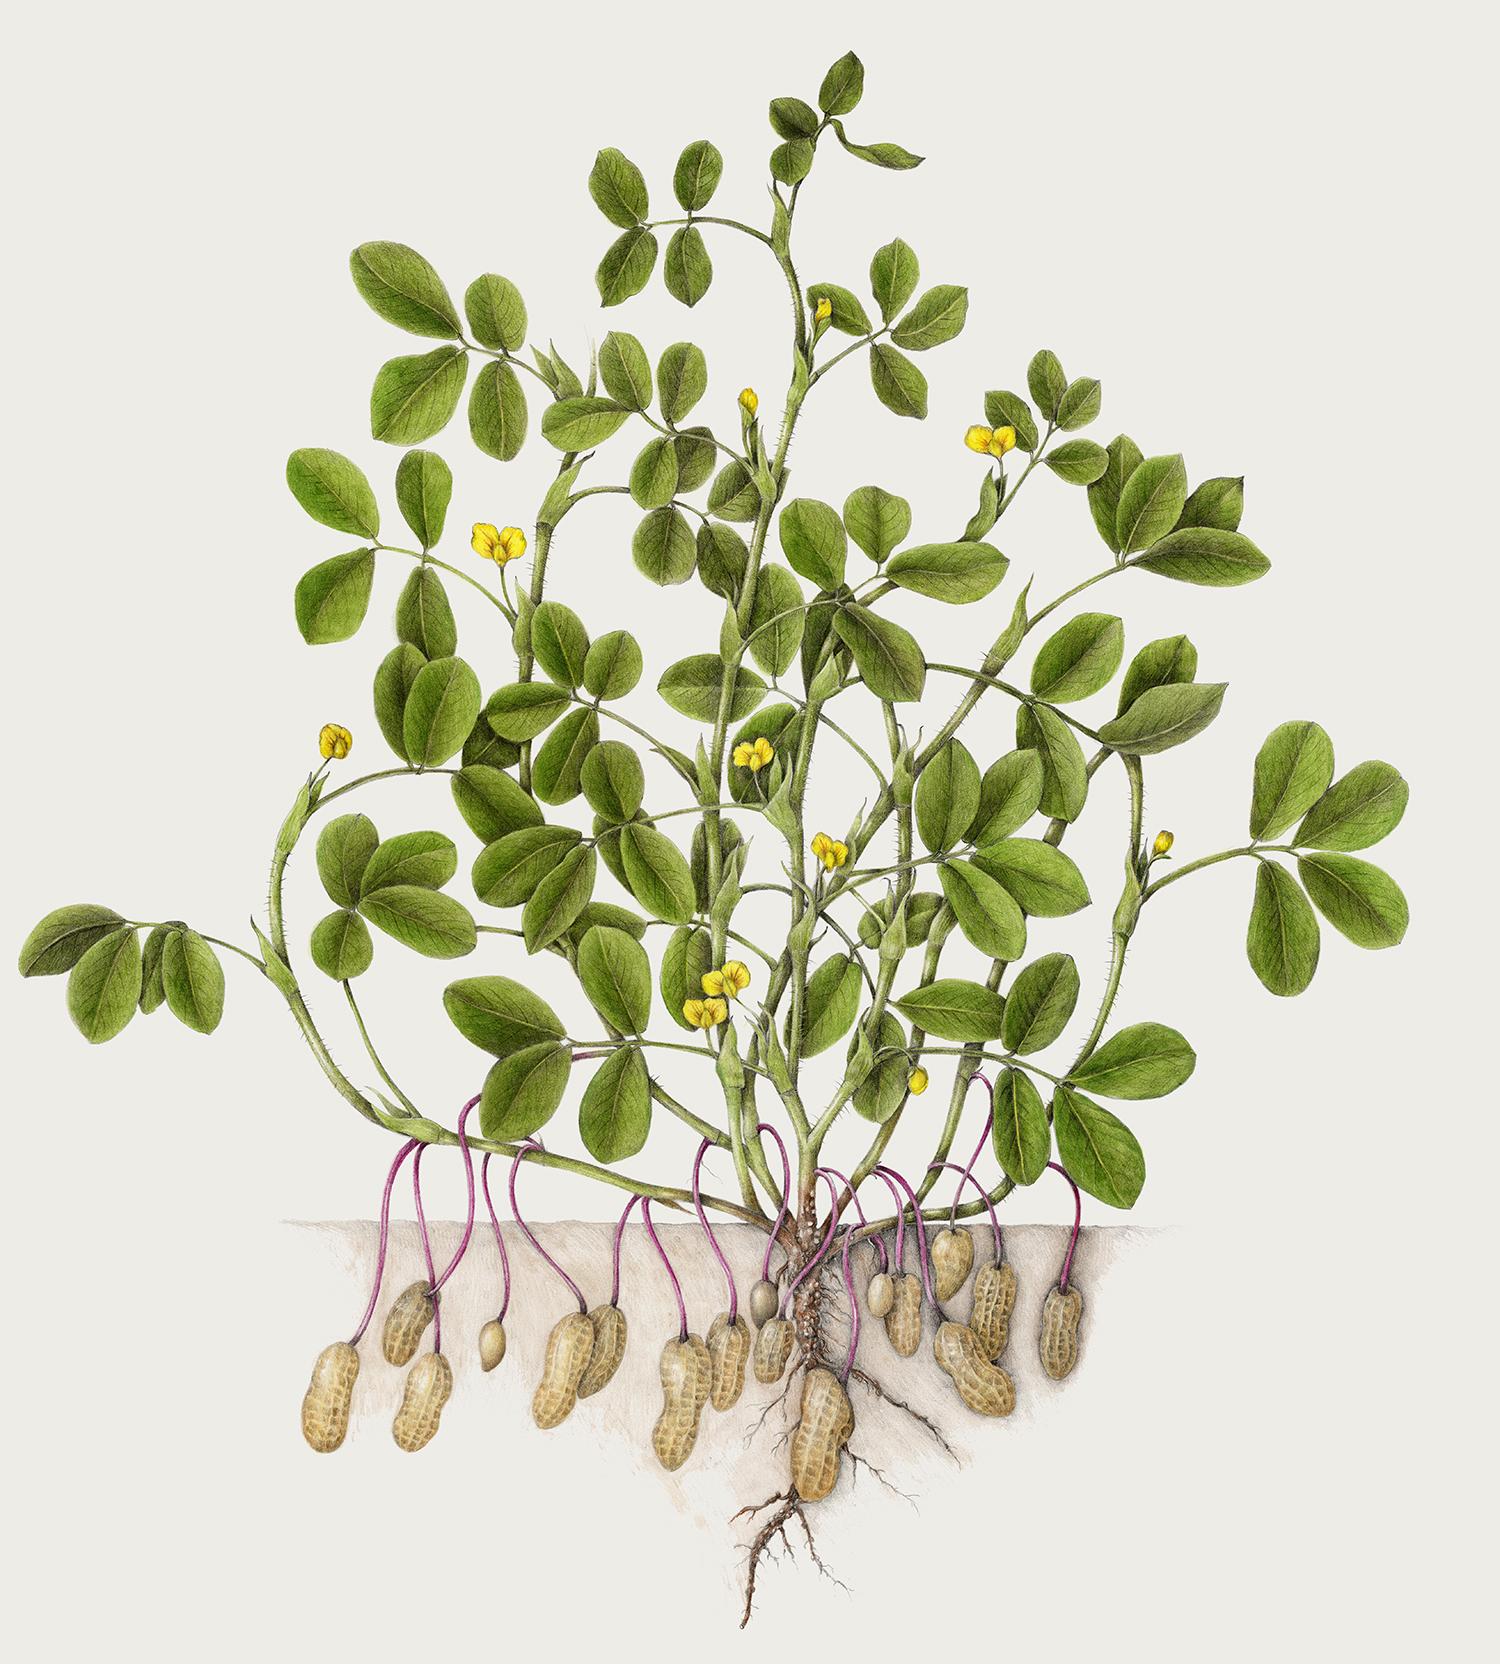 Peanut - Arachis hypogaea